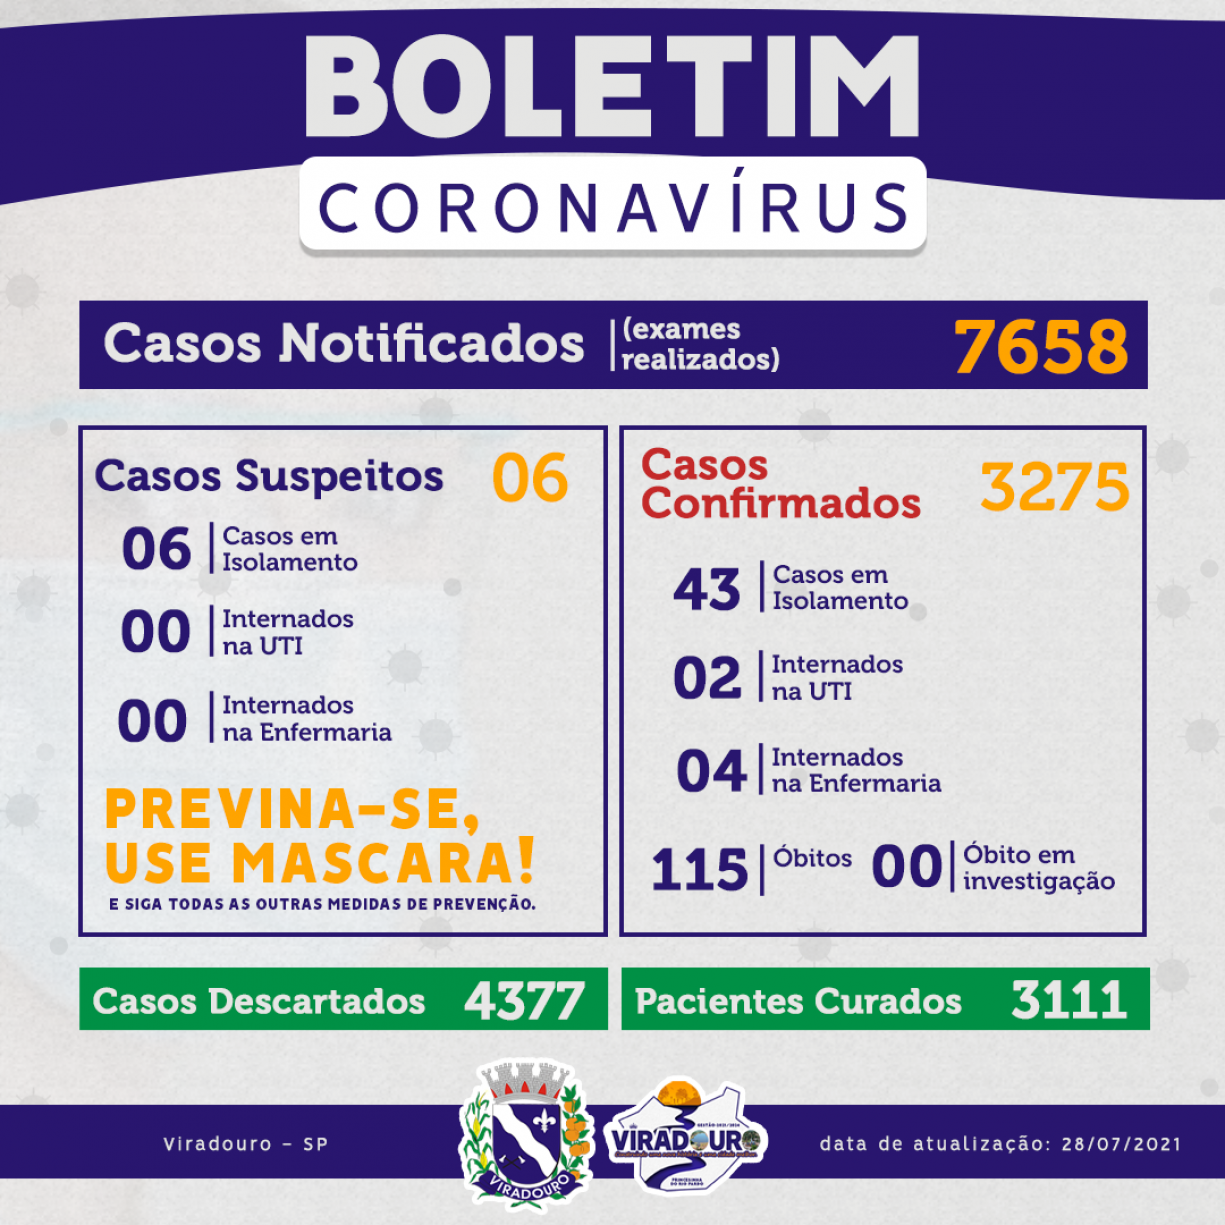 CORONAVÍRUS: BOLETIM EPIDEMIOLÓGICO (ATUALIZAÇÃO 28/07/2021)